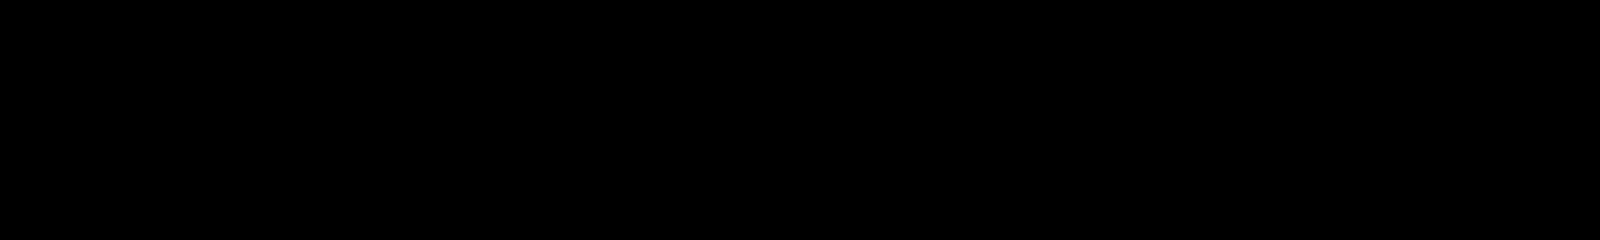 Begüm Erenoğlu